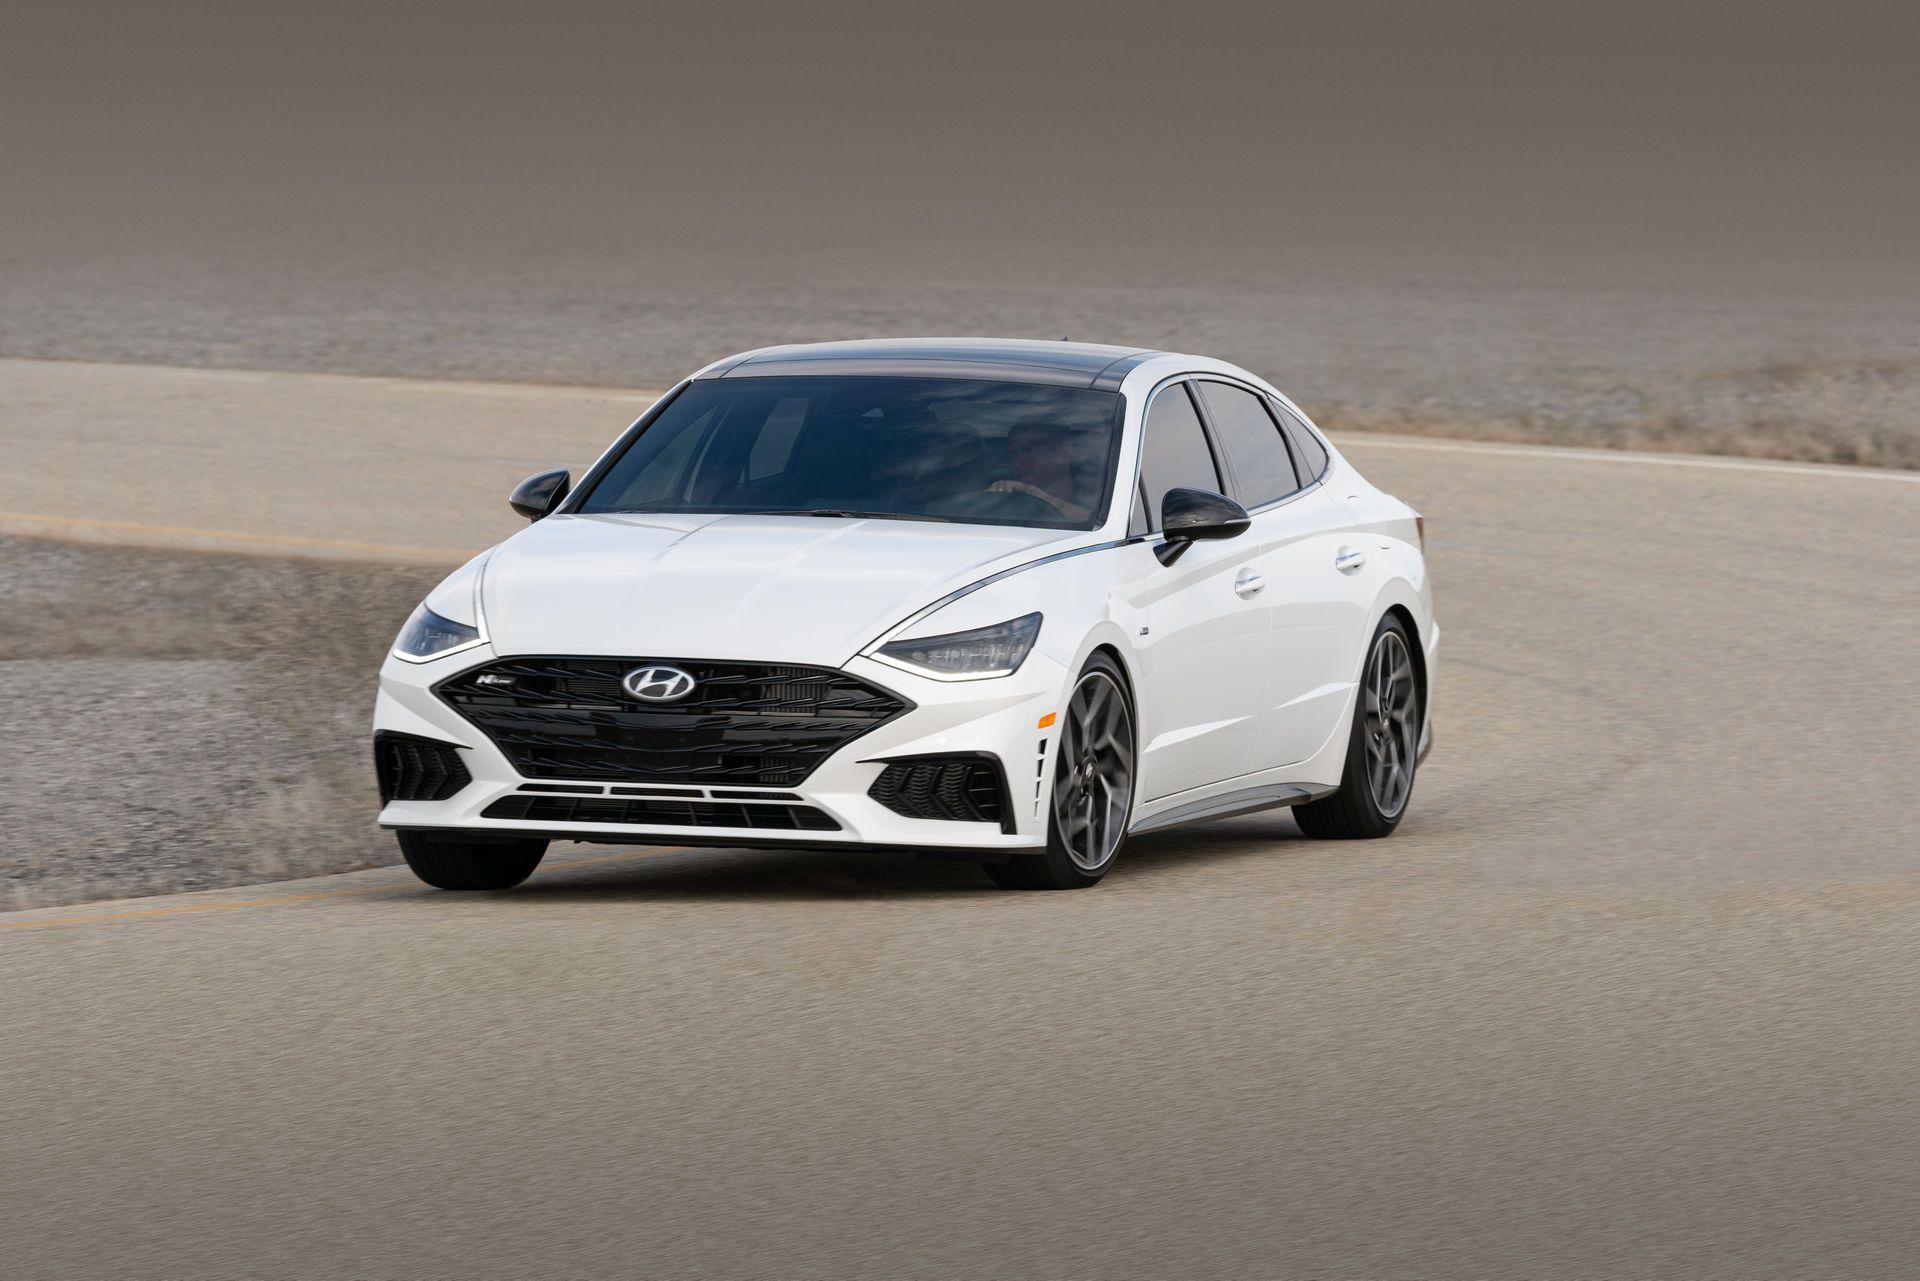 Hyundai-Sonata-N-Line-2021-7